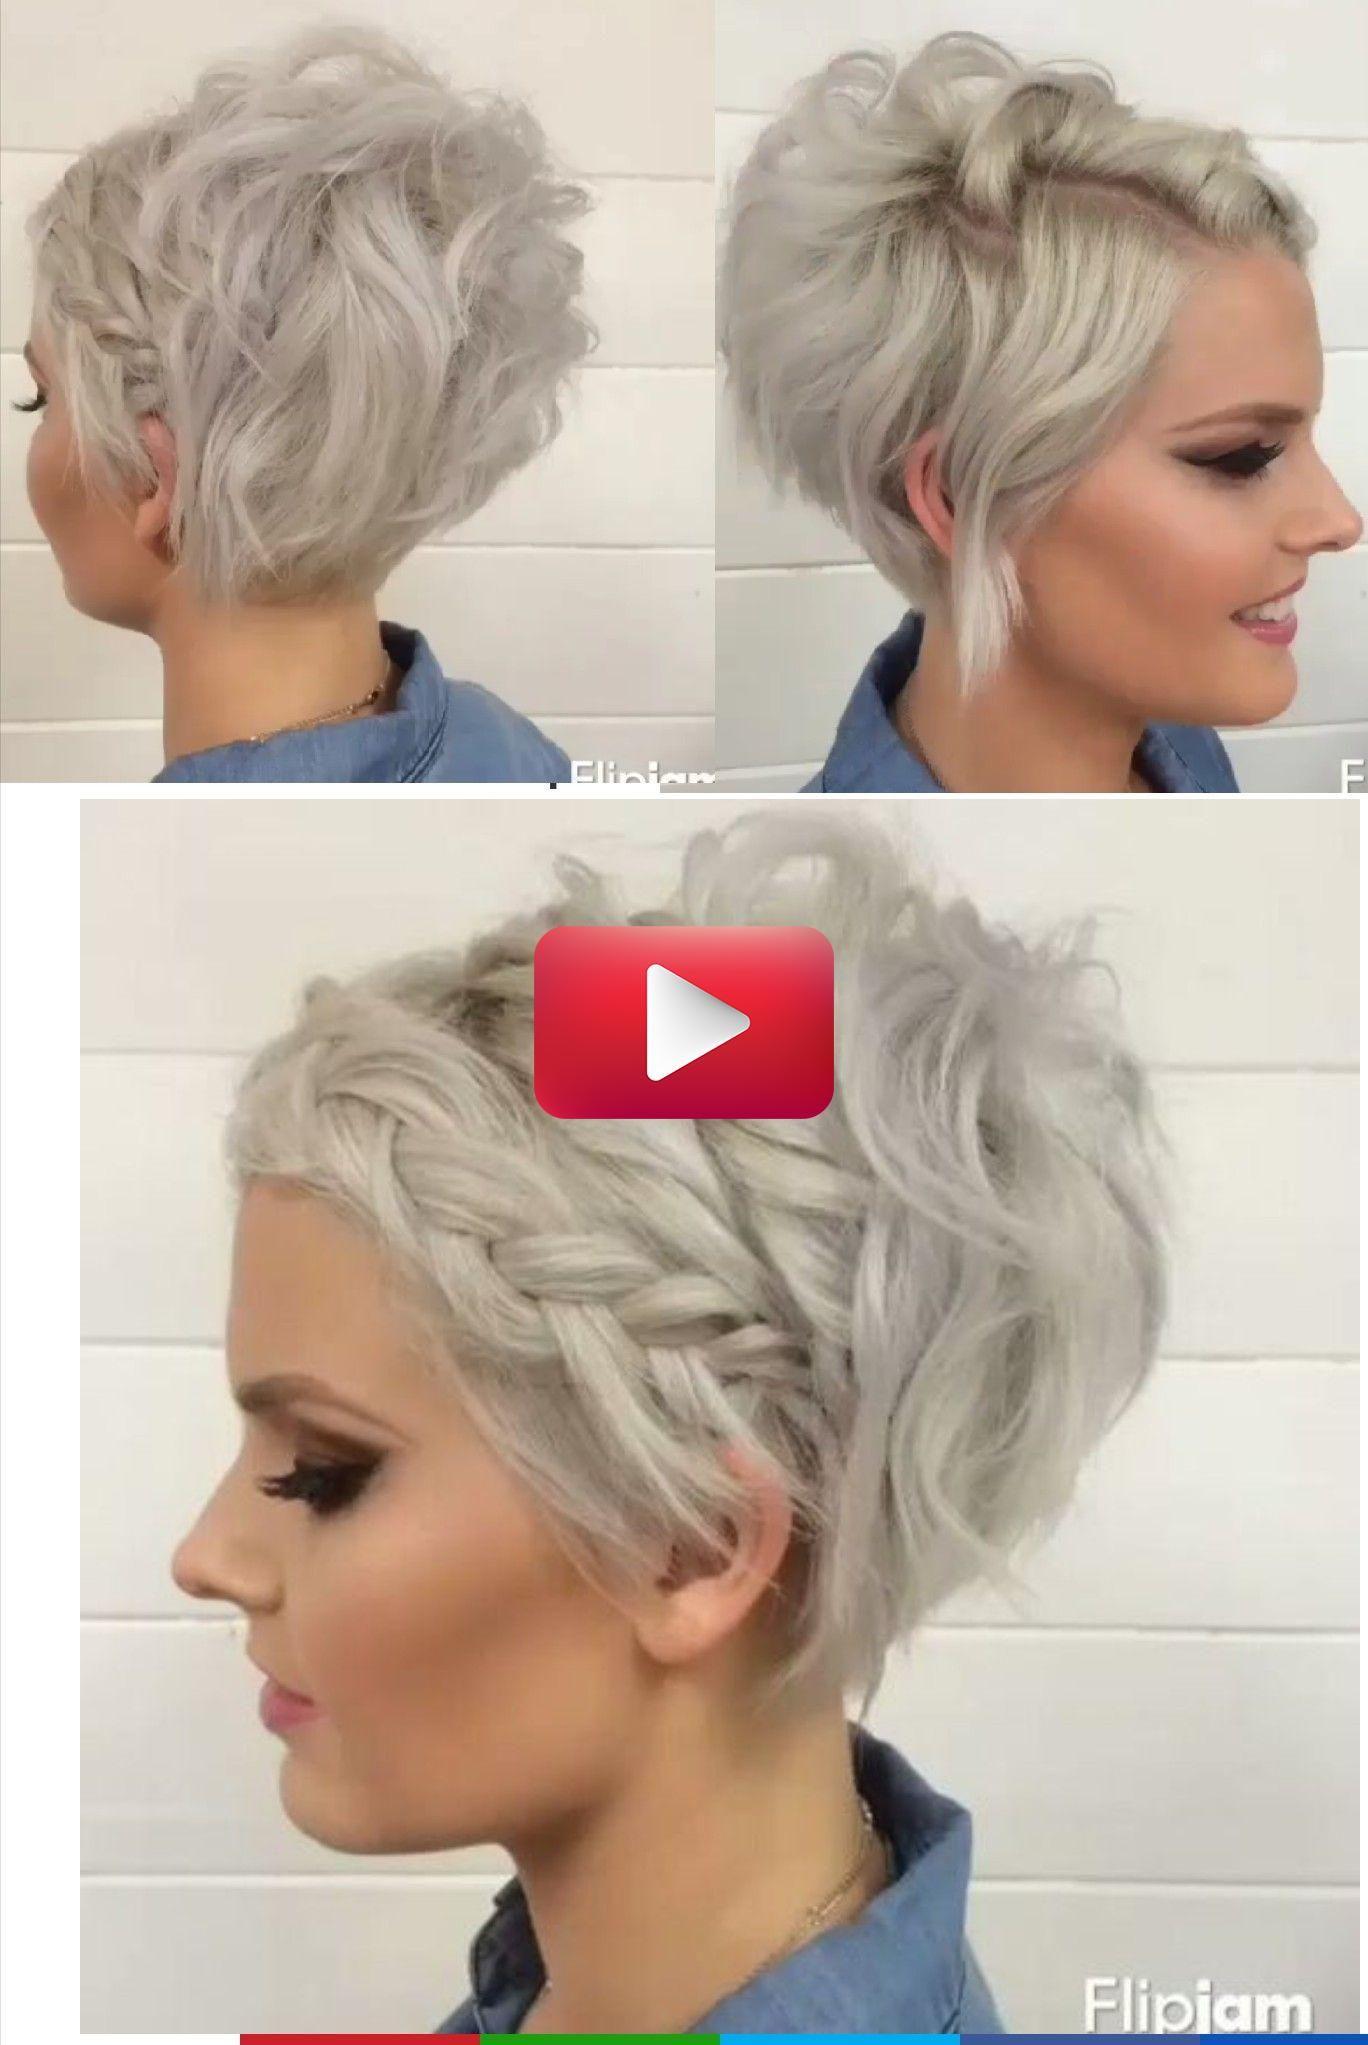 Side Braid Pixiecutundercut In 2020 Short Hair Styles Short Hair Updo Braids For Short Hair